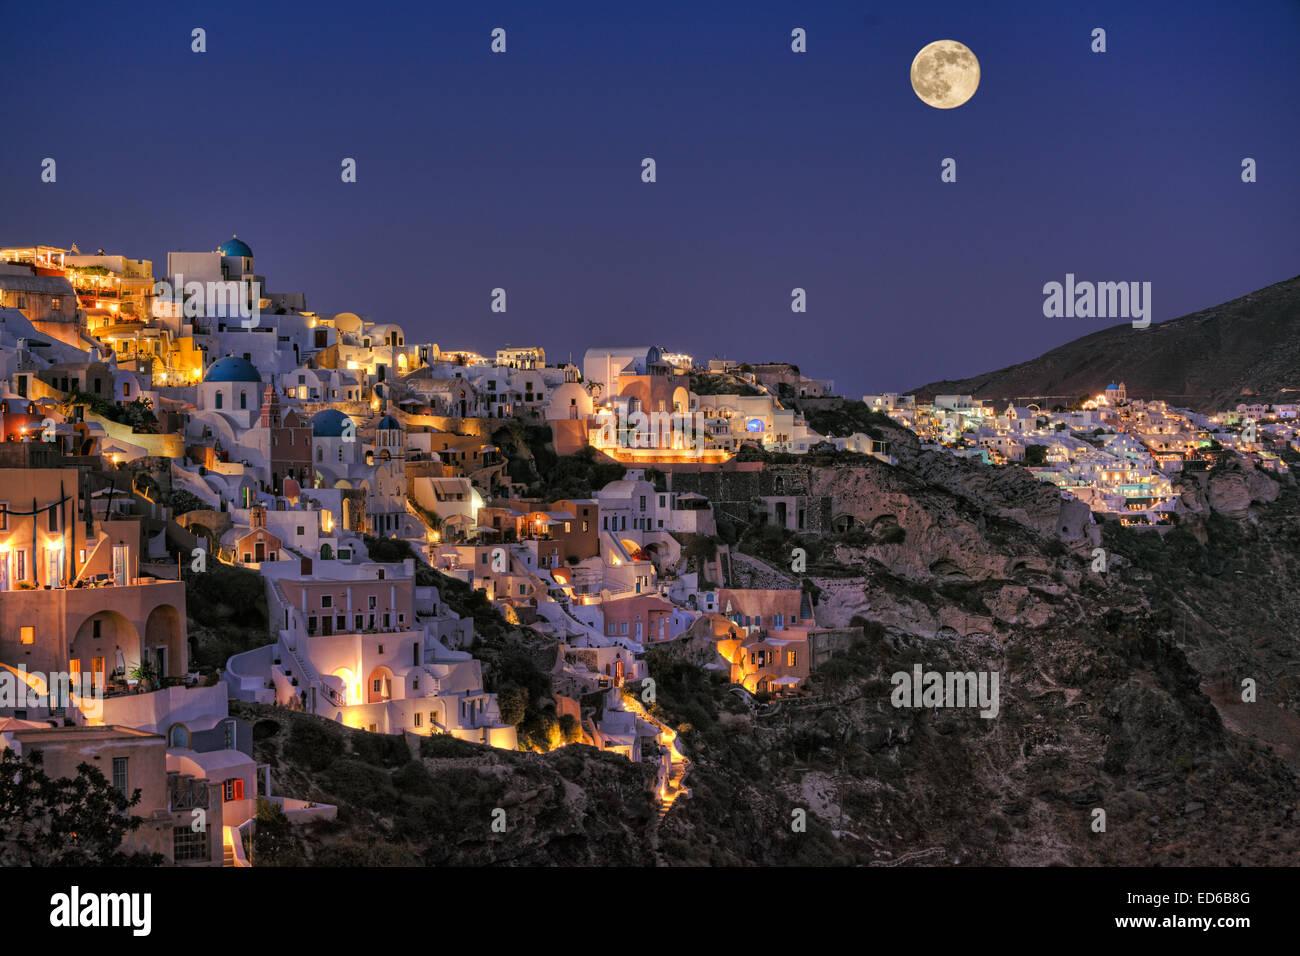 Oia by night in Santorini island, Greece - Stock Image